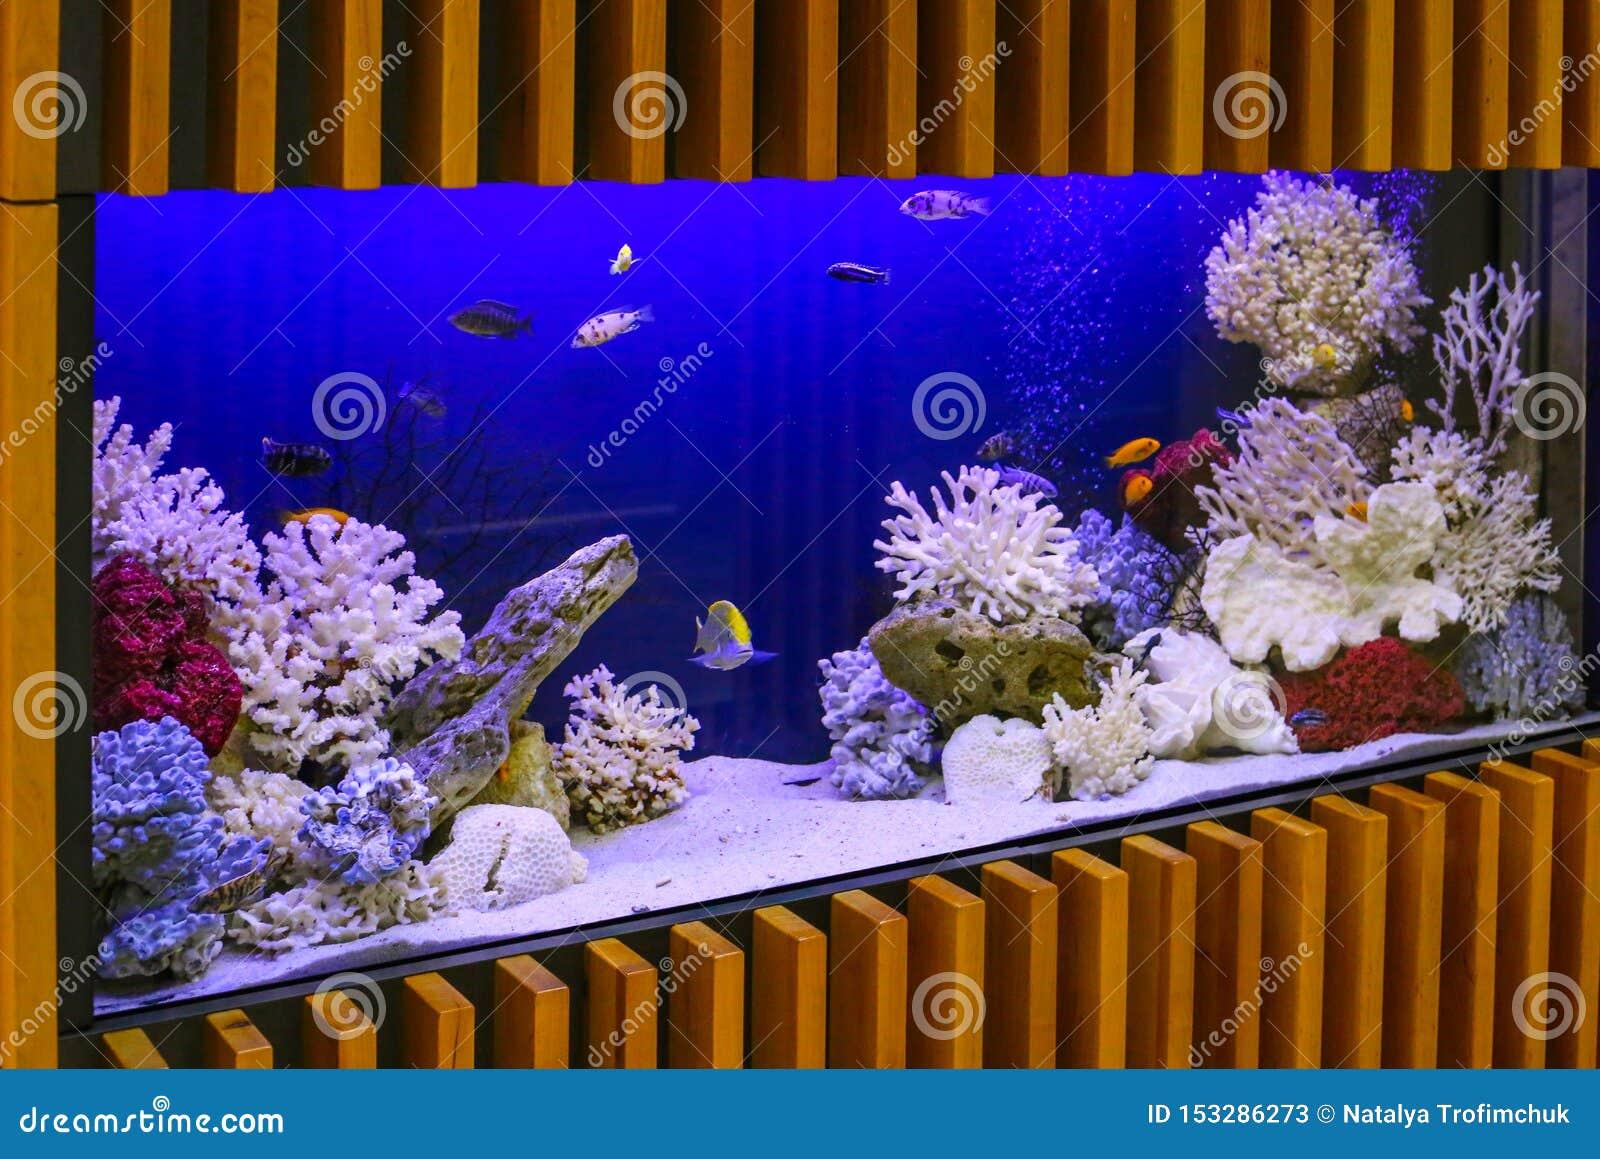 有植物和热带五颜六色的鱼的水族馆